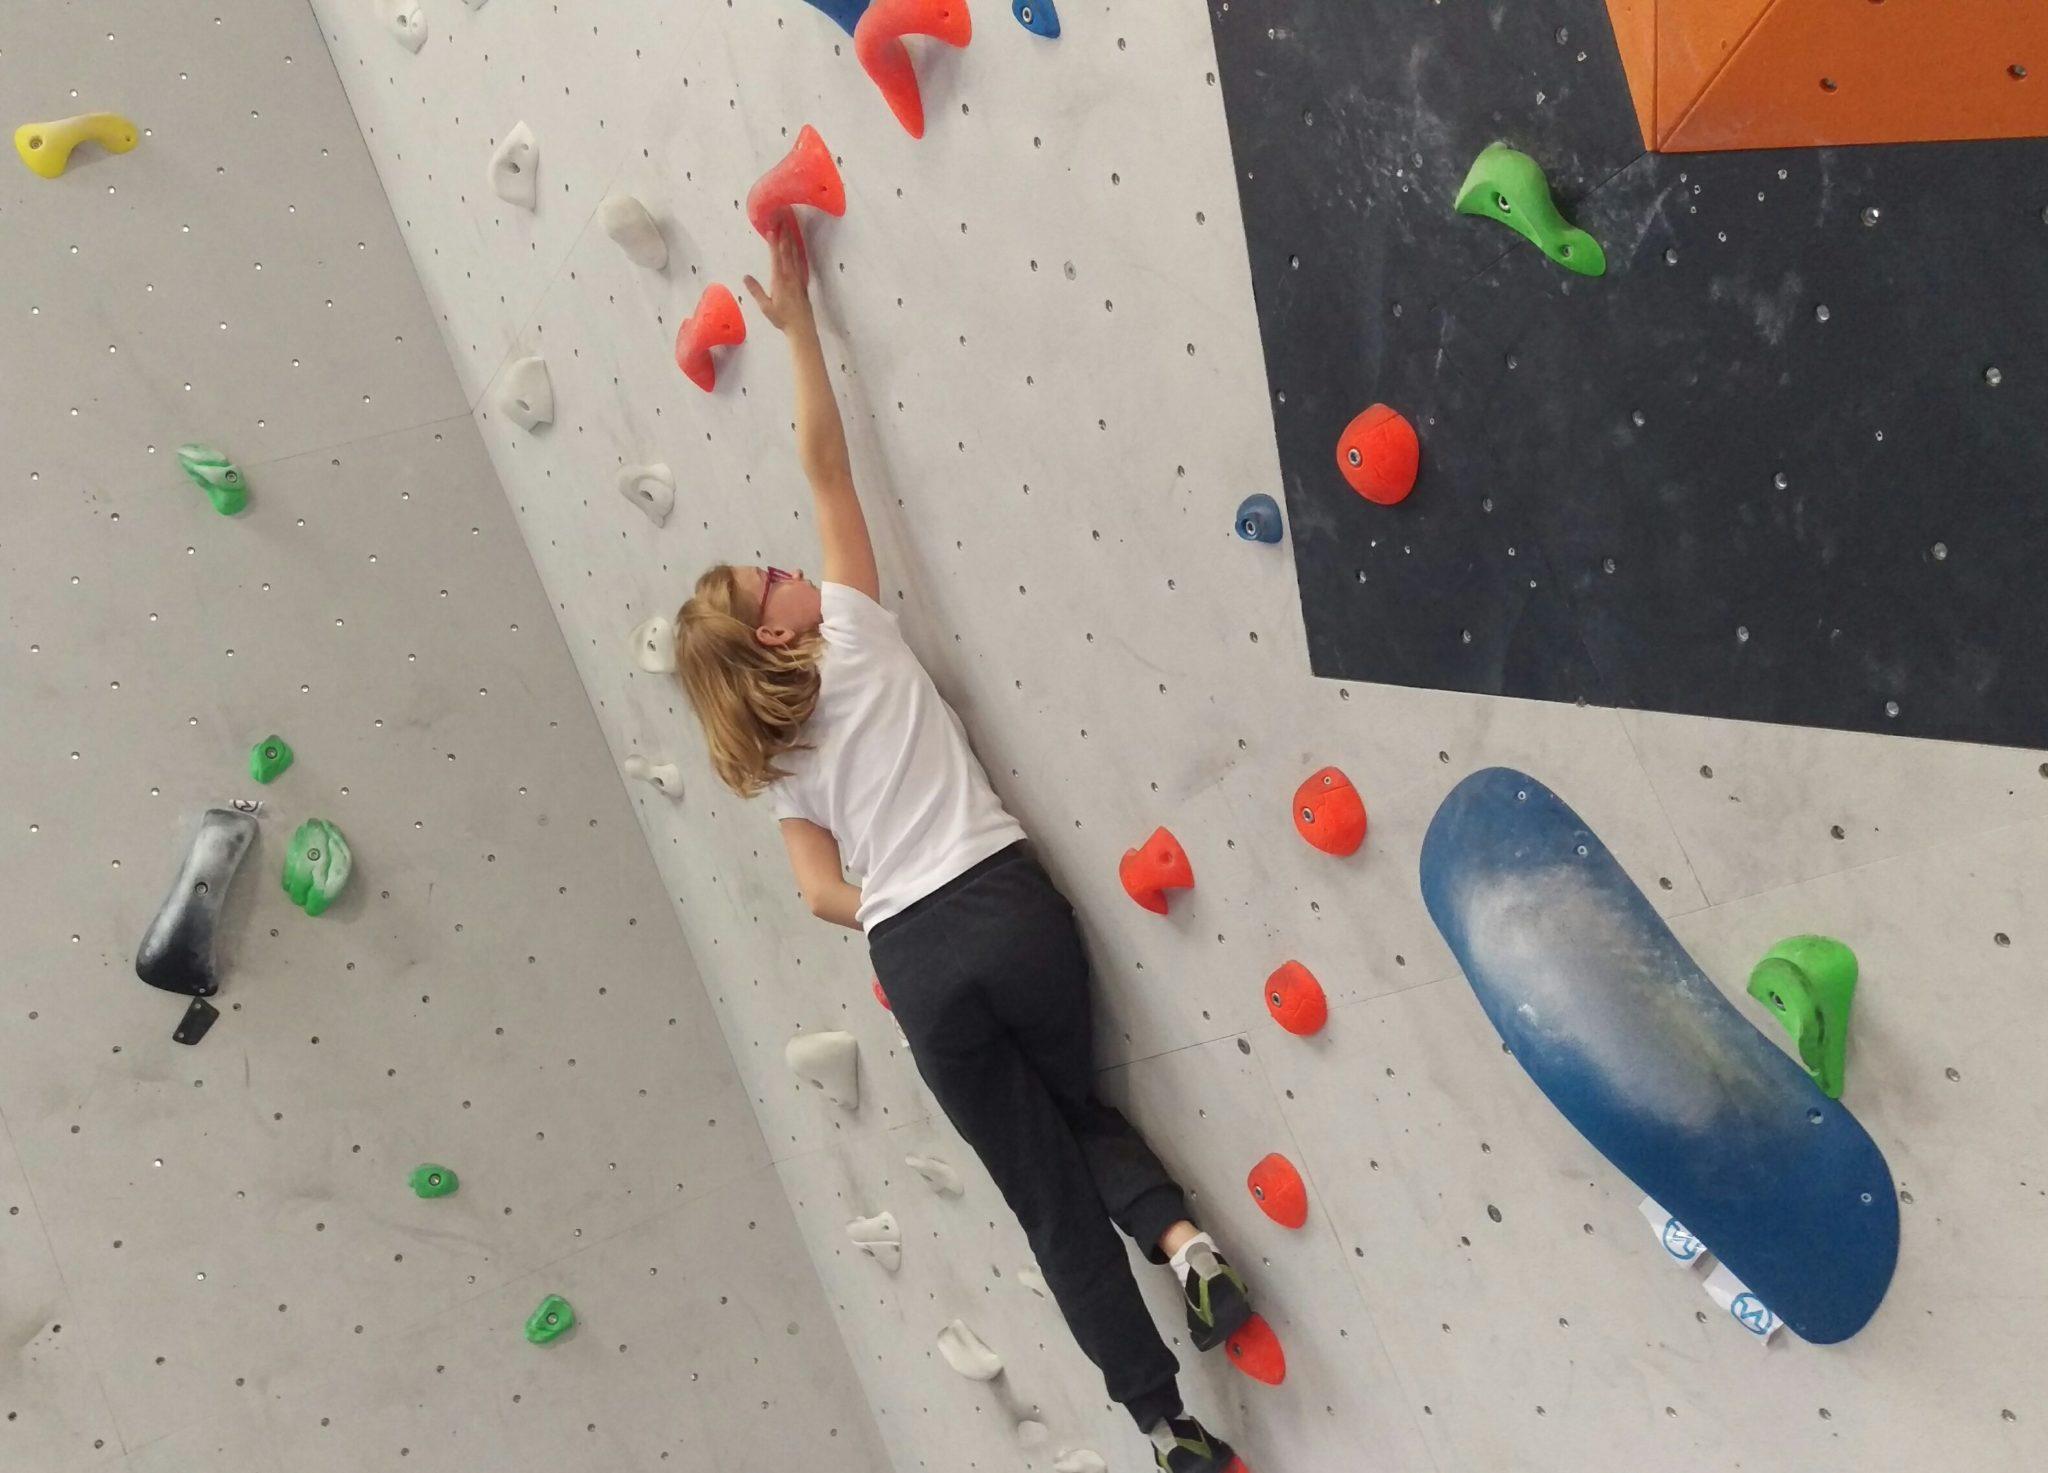 cours d'escalade de bloc - enfants - adultes - adolescents - Vertical'Art Rungis salle d'escalade de bloc indoor